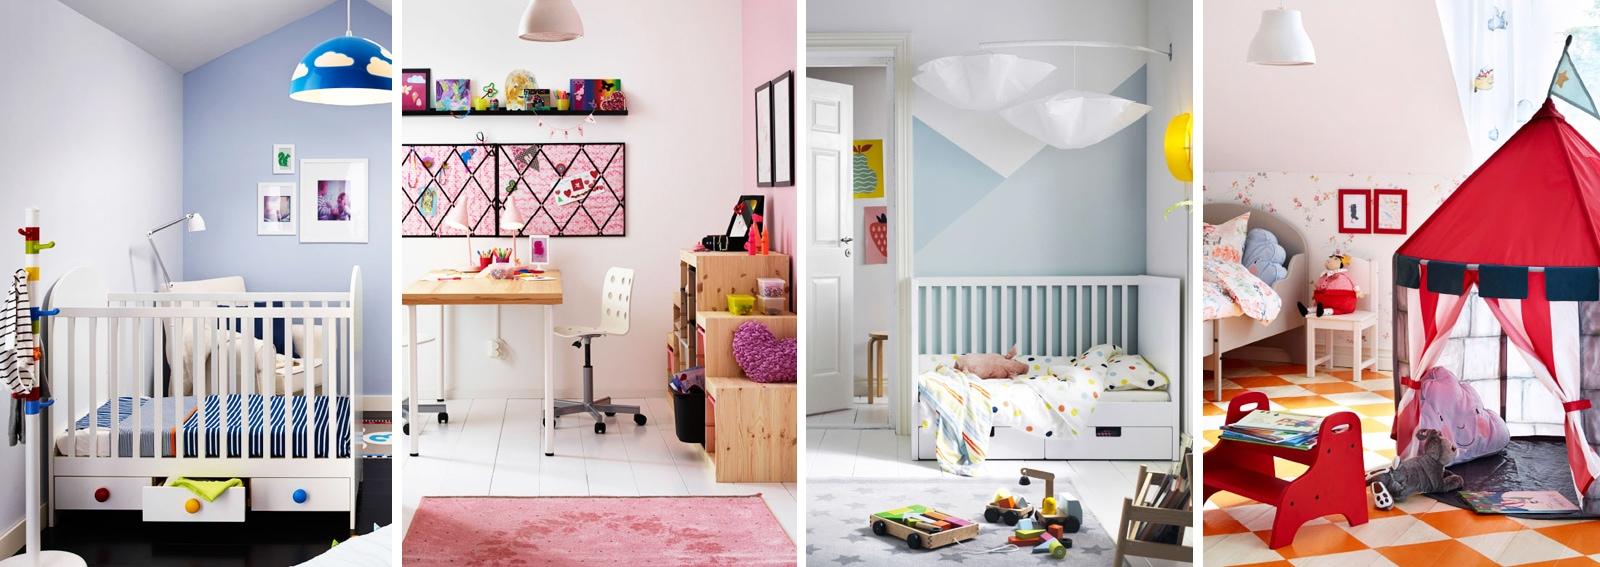 Ikea camerette i modelli pi belli for Camerette bambini neonati ikea